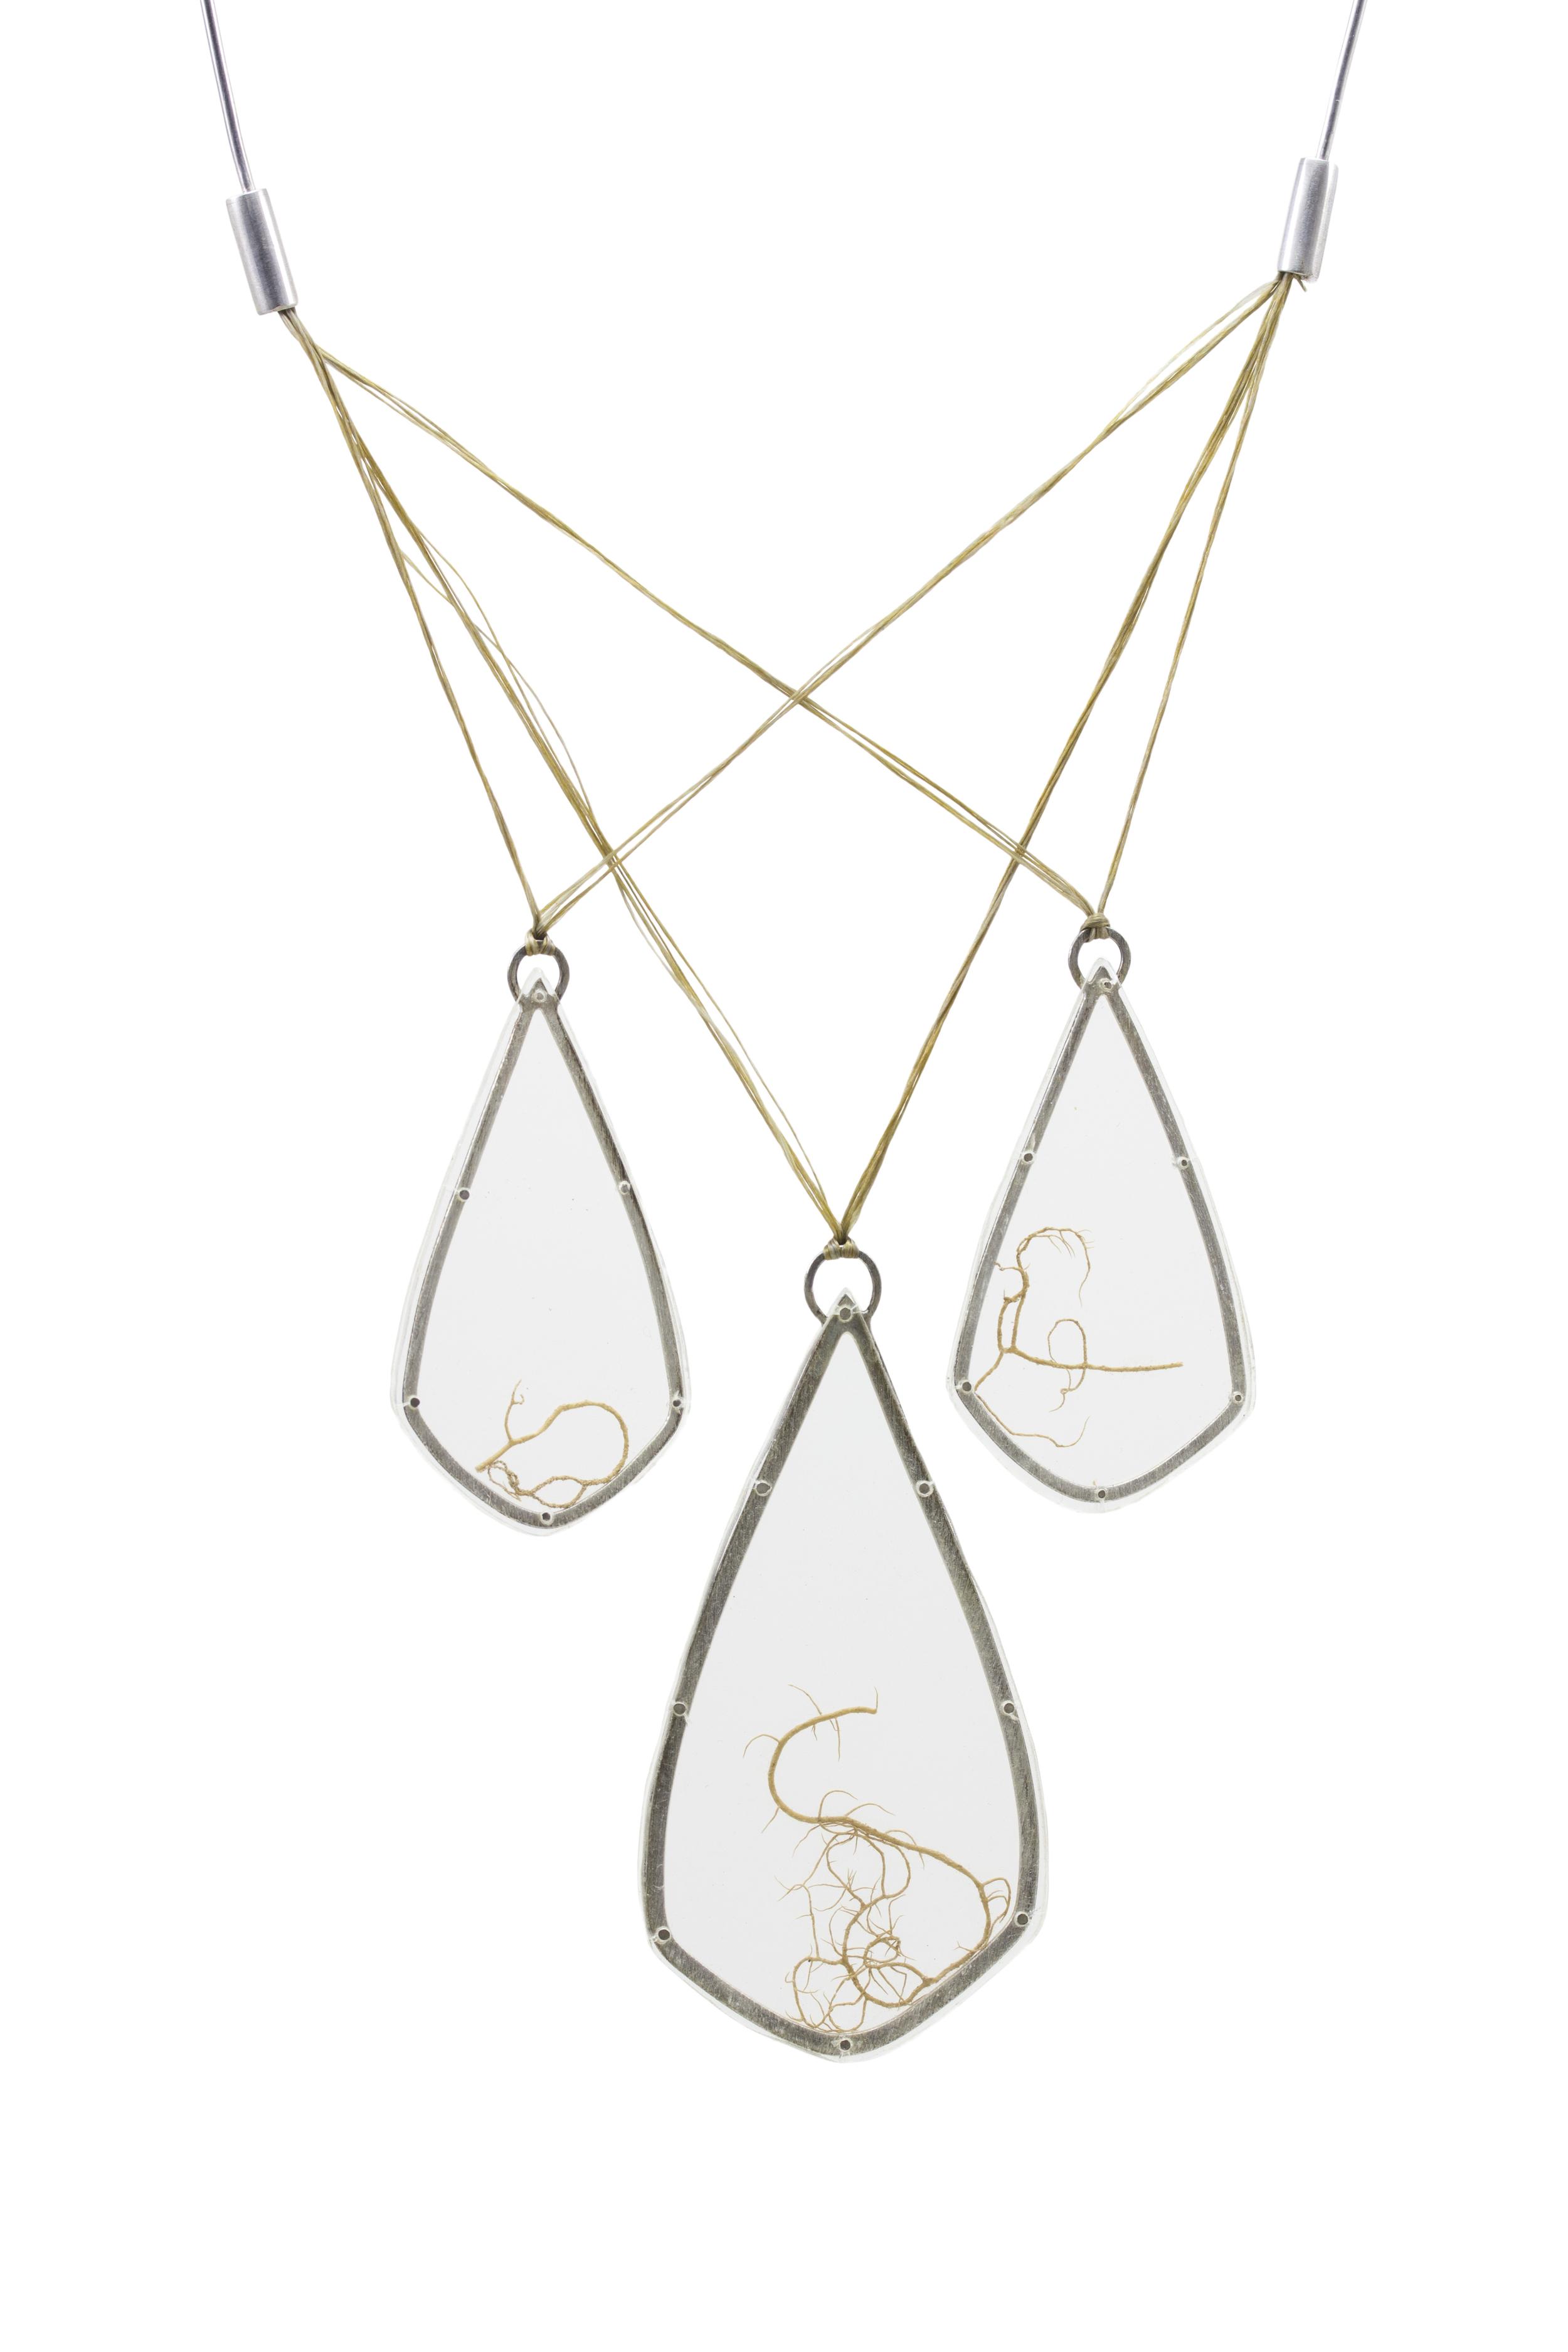 Three Tear Lichen Necklace Luana Coonen.jpg